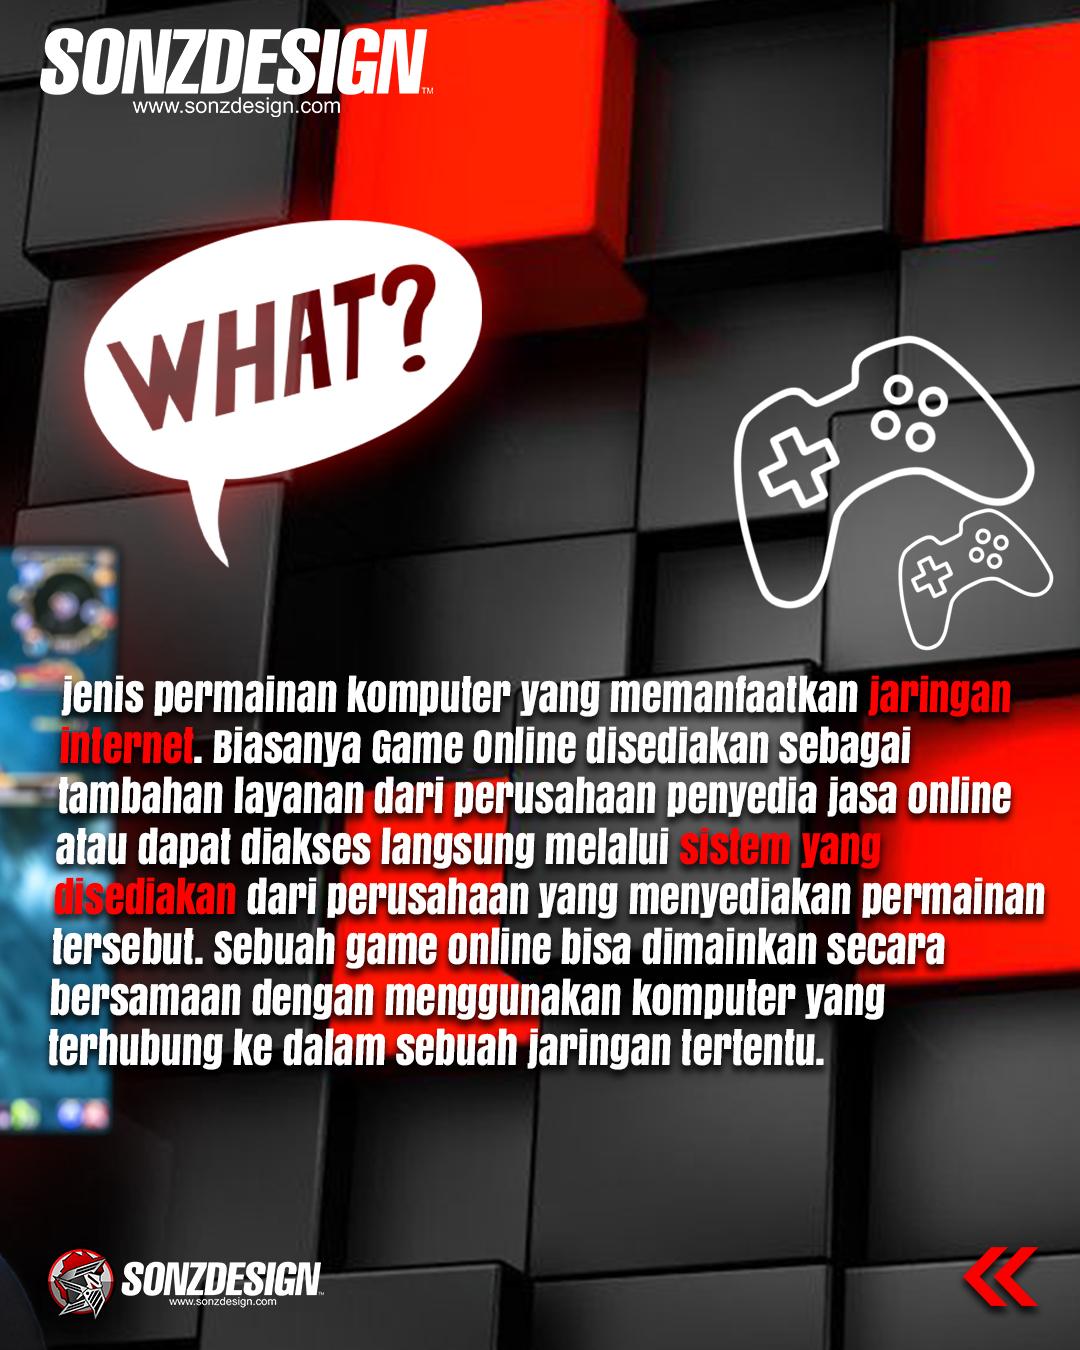 Game Online Dan Sejarahnya